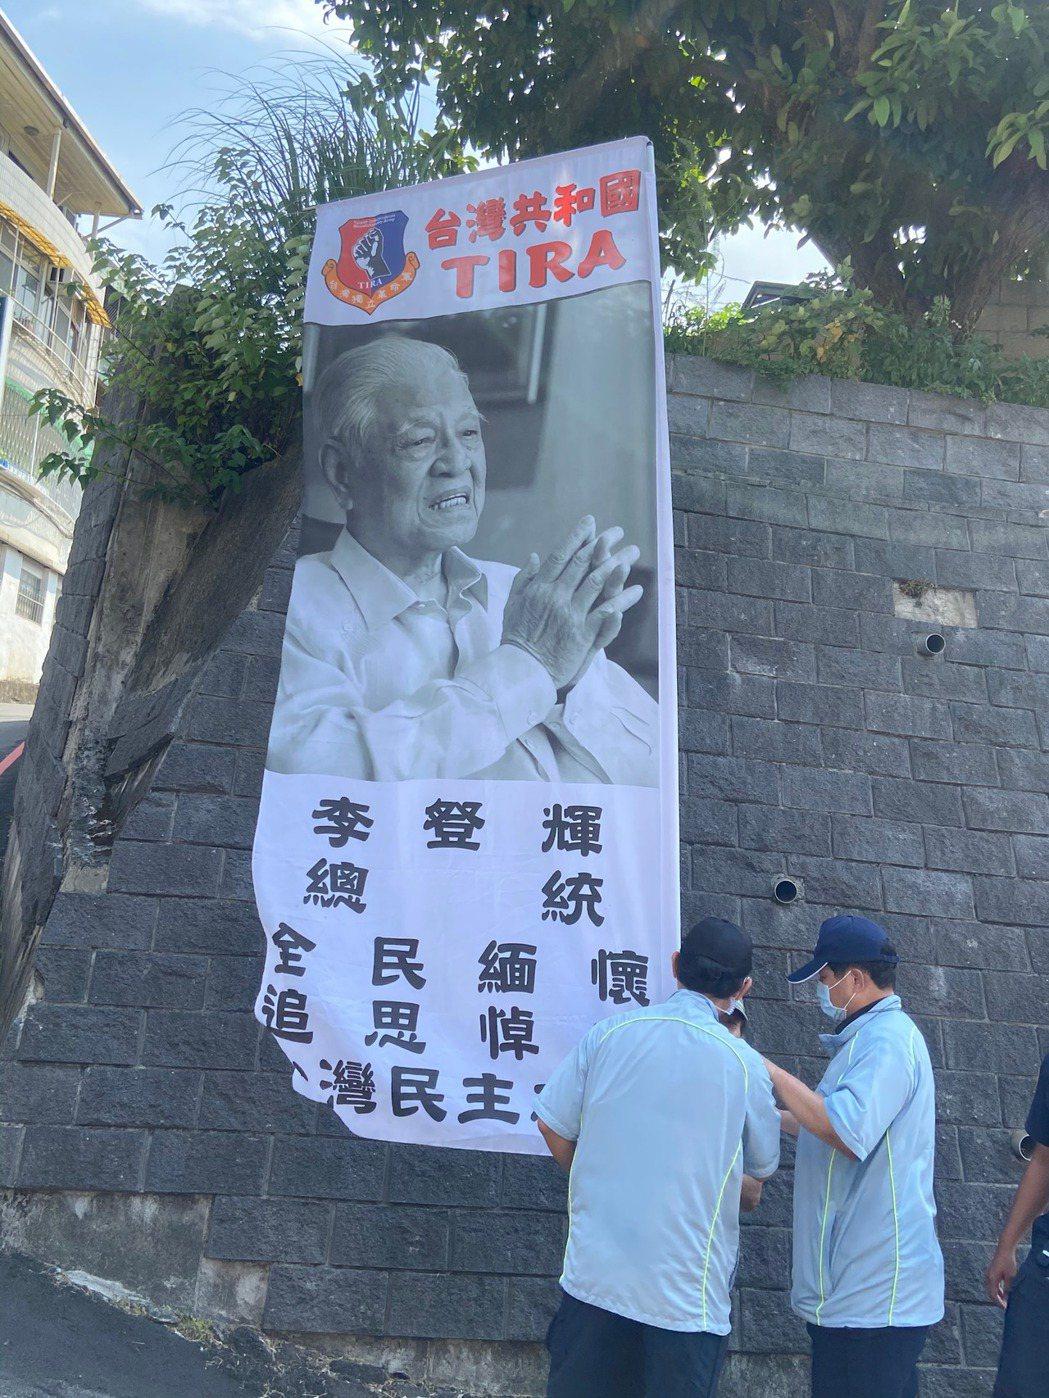 有支持者到會場附近舉旗,被警方勸離以避免影響活動進行。記者柯毓庭/攝影